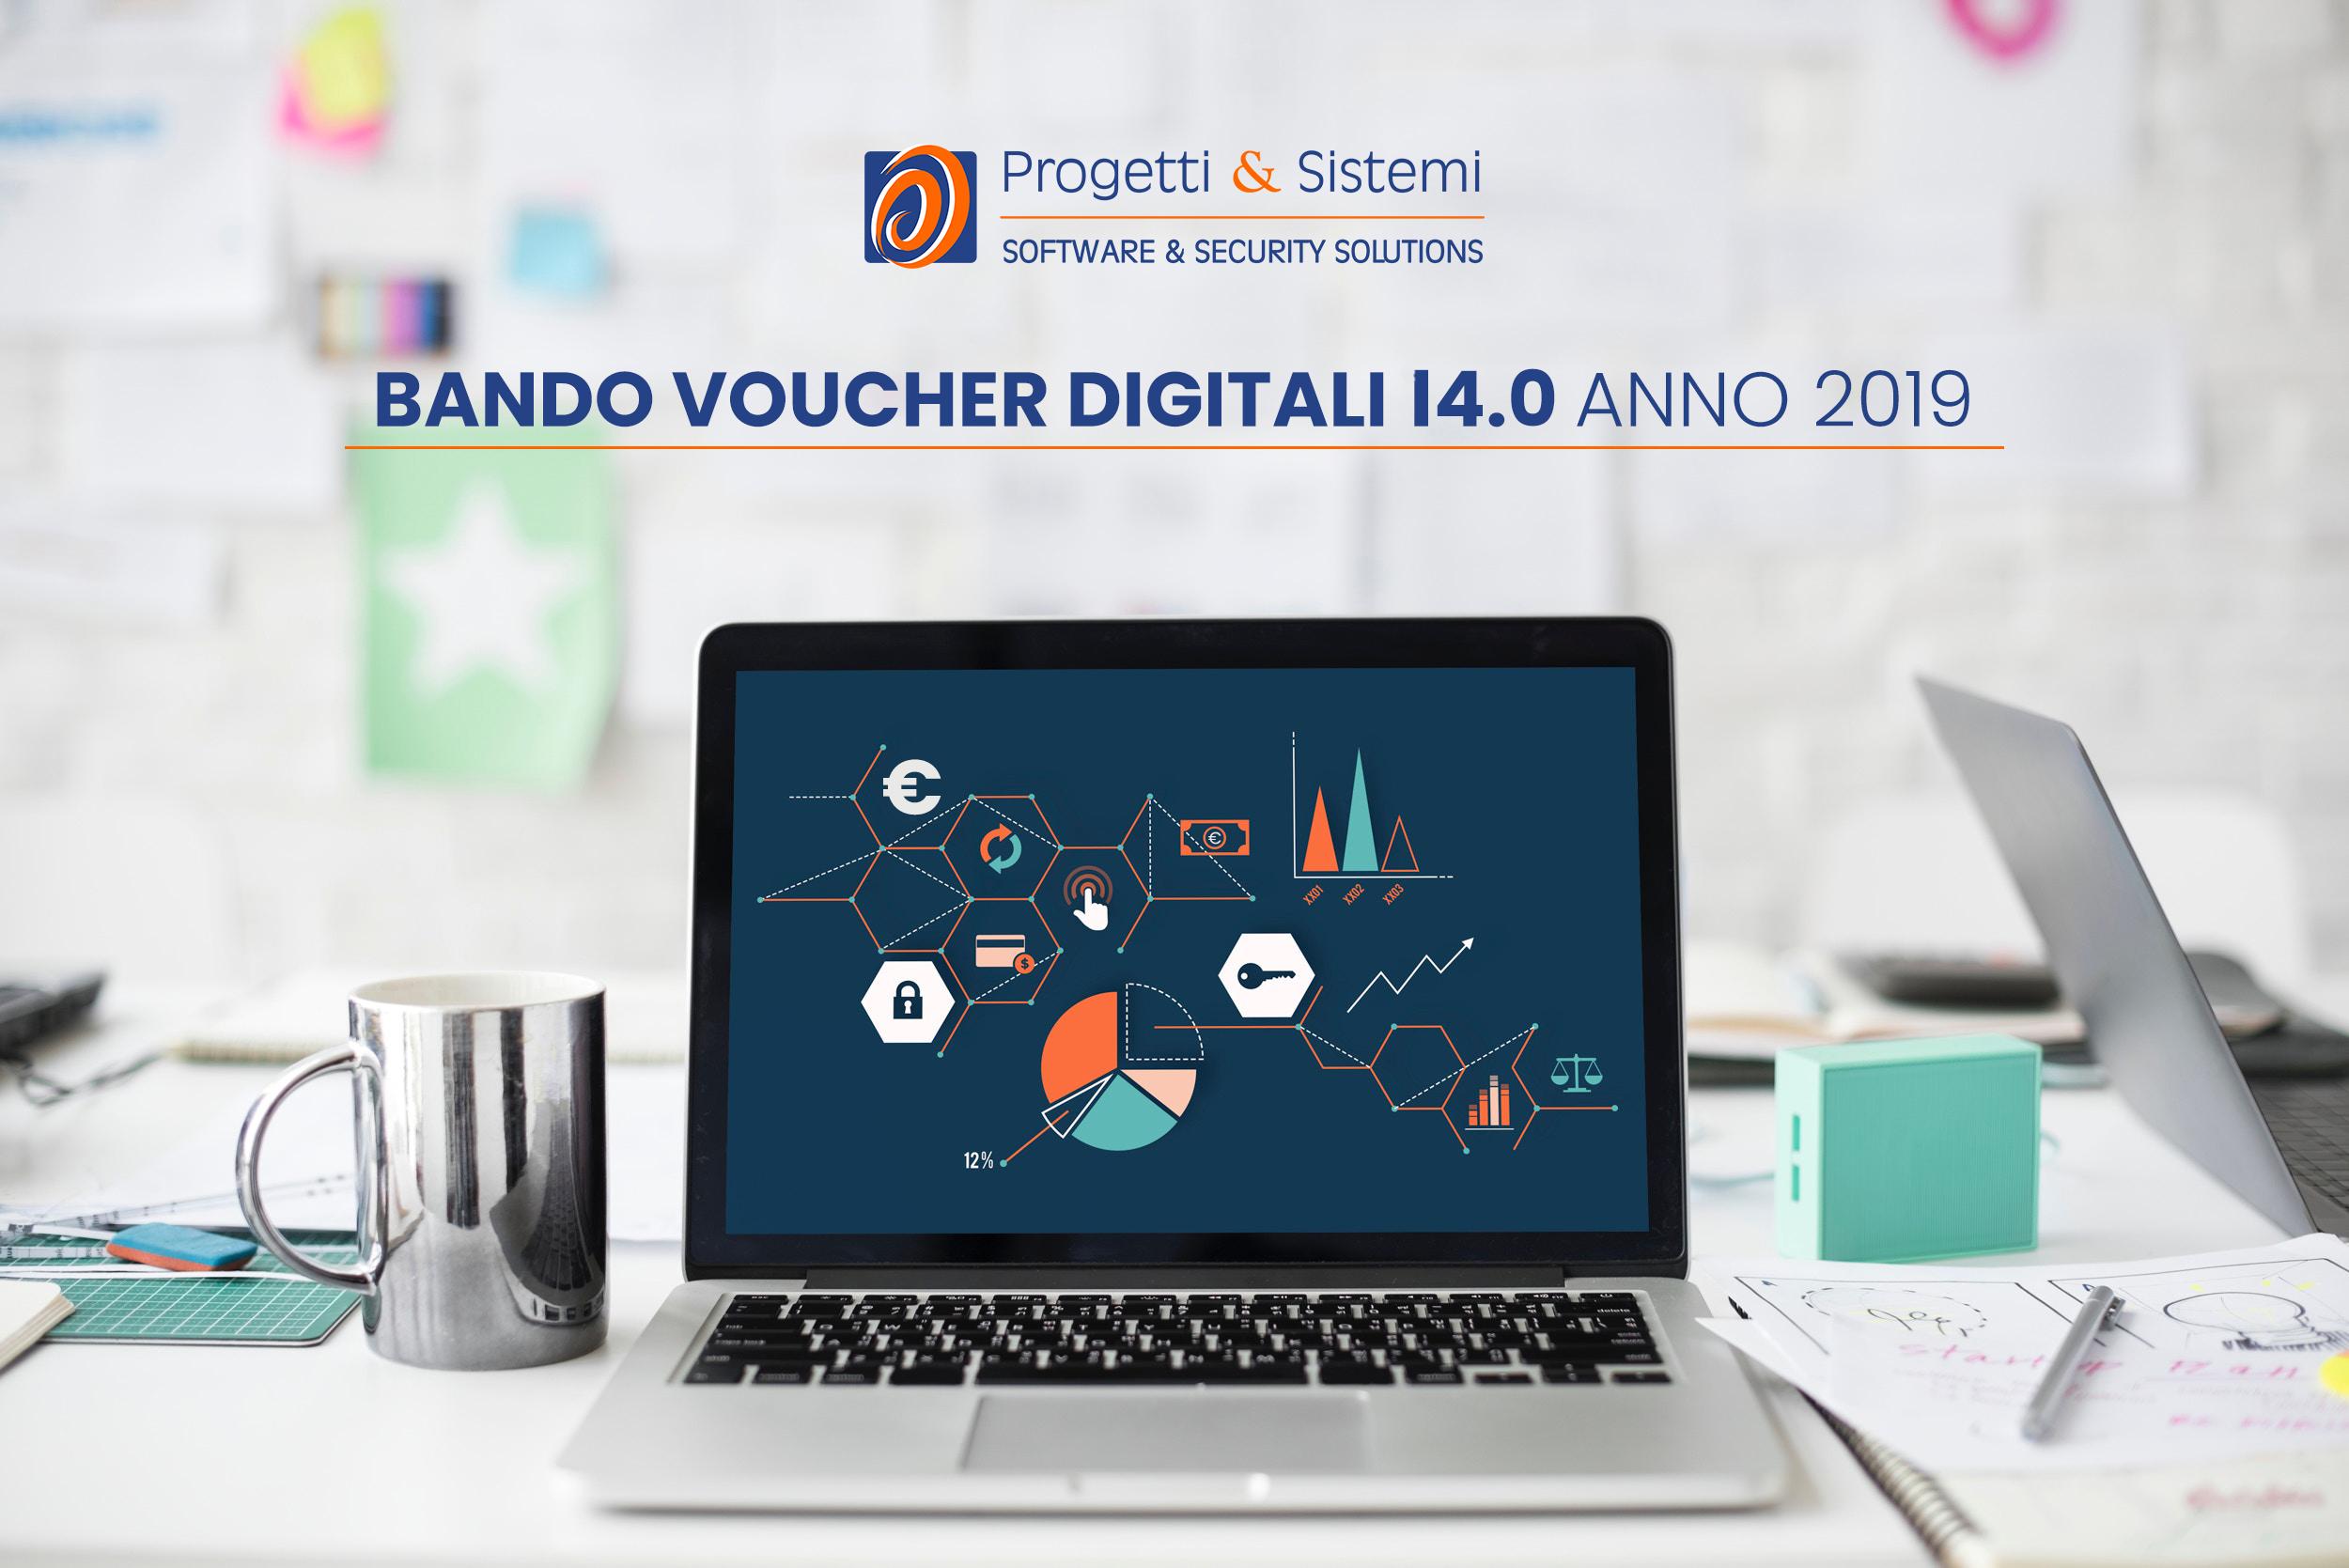 Bando voucher digitali I4.0: fino a 10mila euro per digitalizzare l'impresa